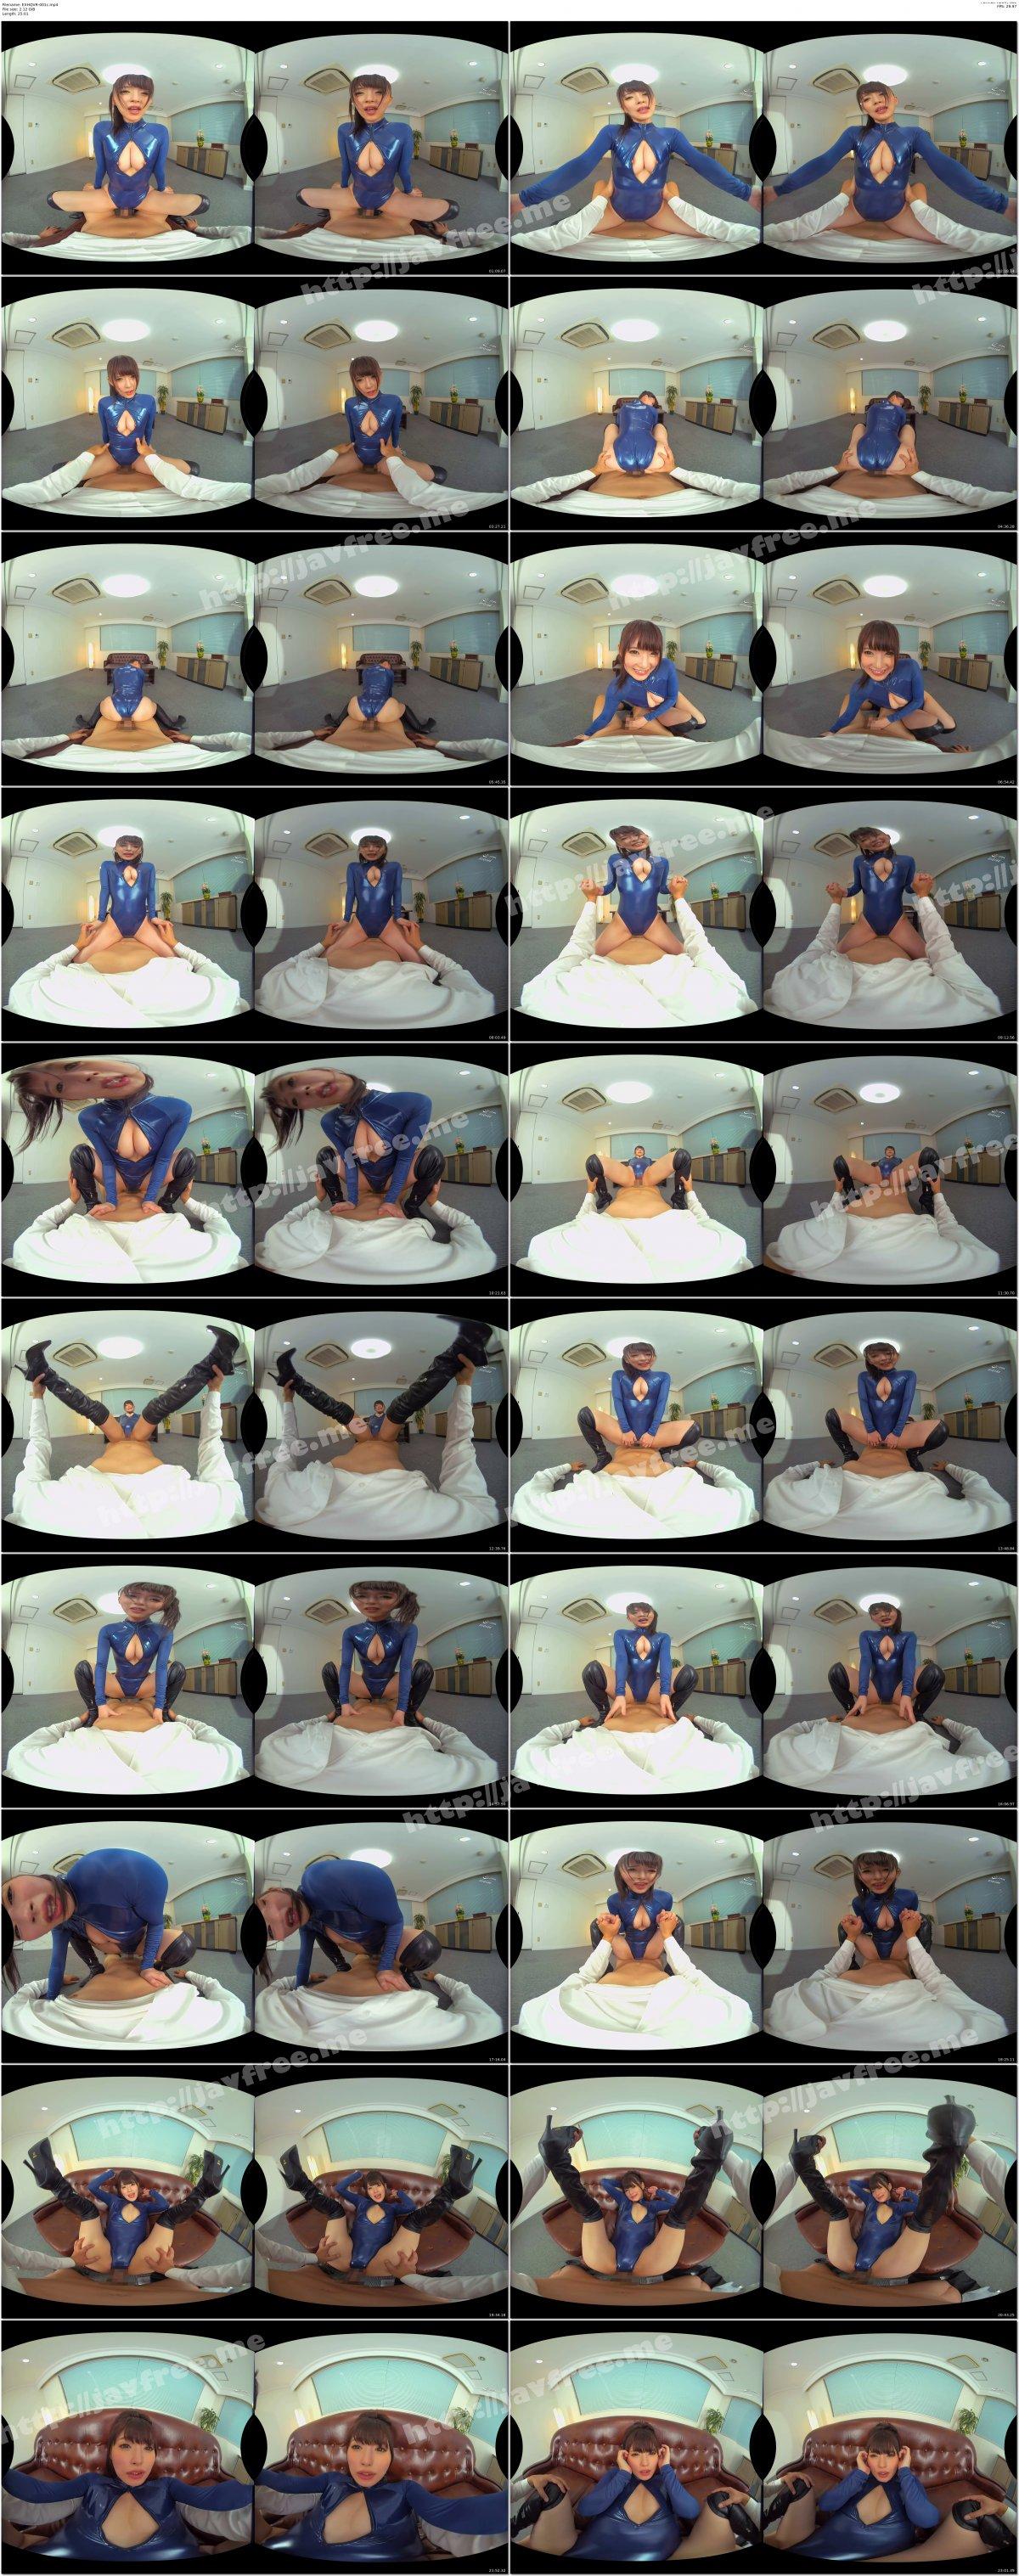 [EXHQVR-001] 【VR】魅惑のフロントジッパー水着VR 波木はるか メガネをかけたら突然!! 例の水着とブーツの性癖ドストライク美女が目の前に! - image EXHQVR-001c on https://javfree.me